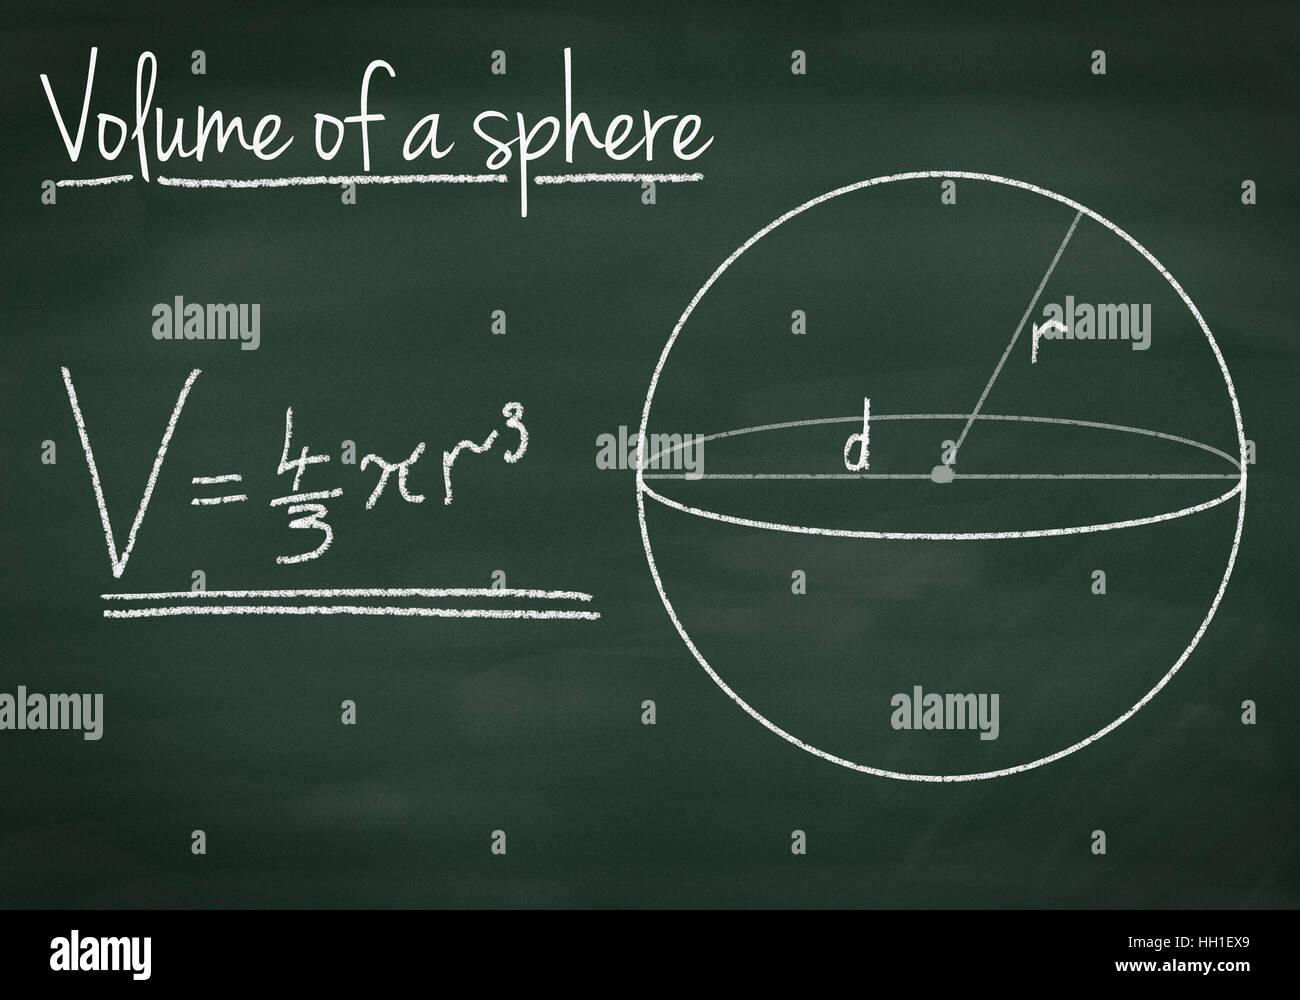 Il volume di una sfera su una lavagna Immagini Stock